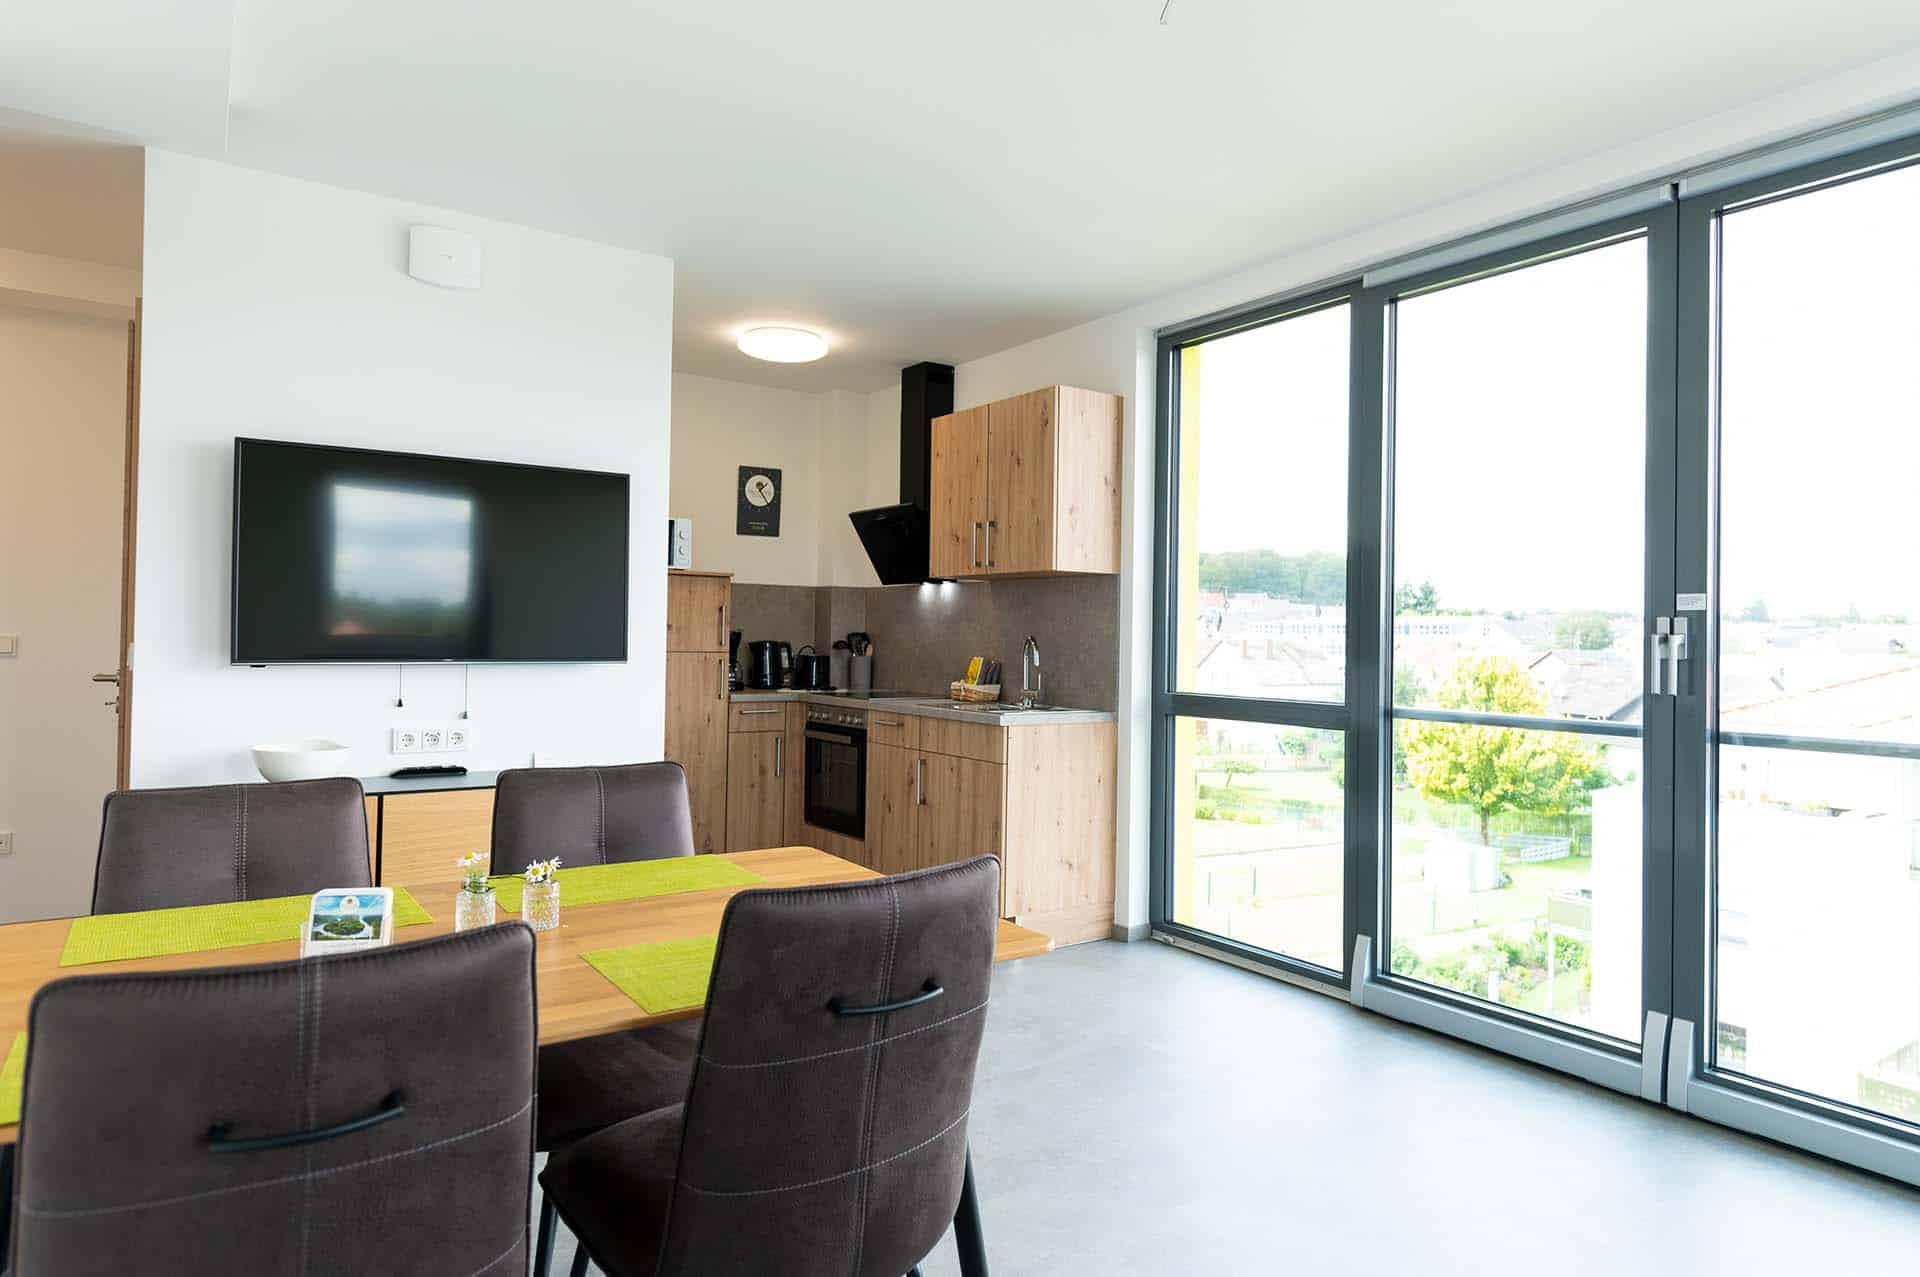 appartement-steine-an-der-grenze-kueche-esszimmer-panorama